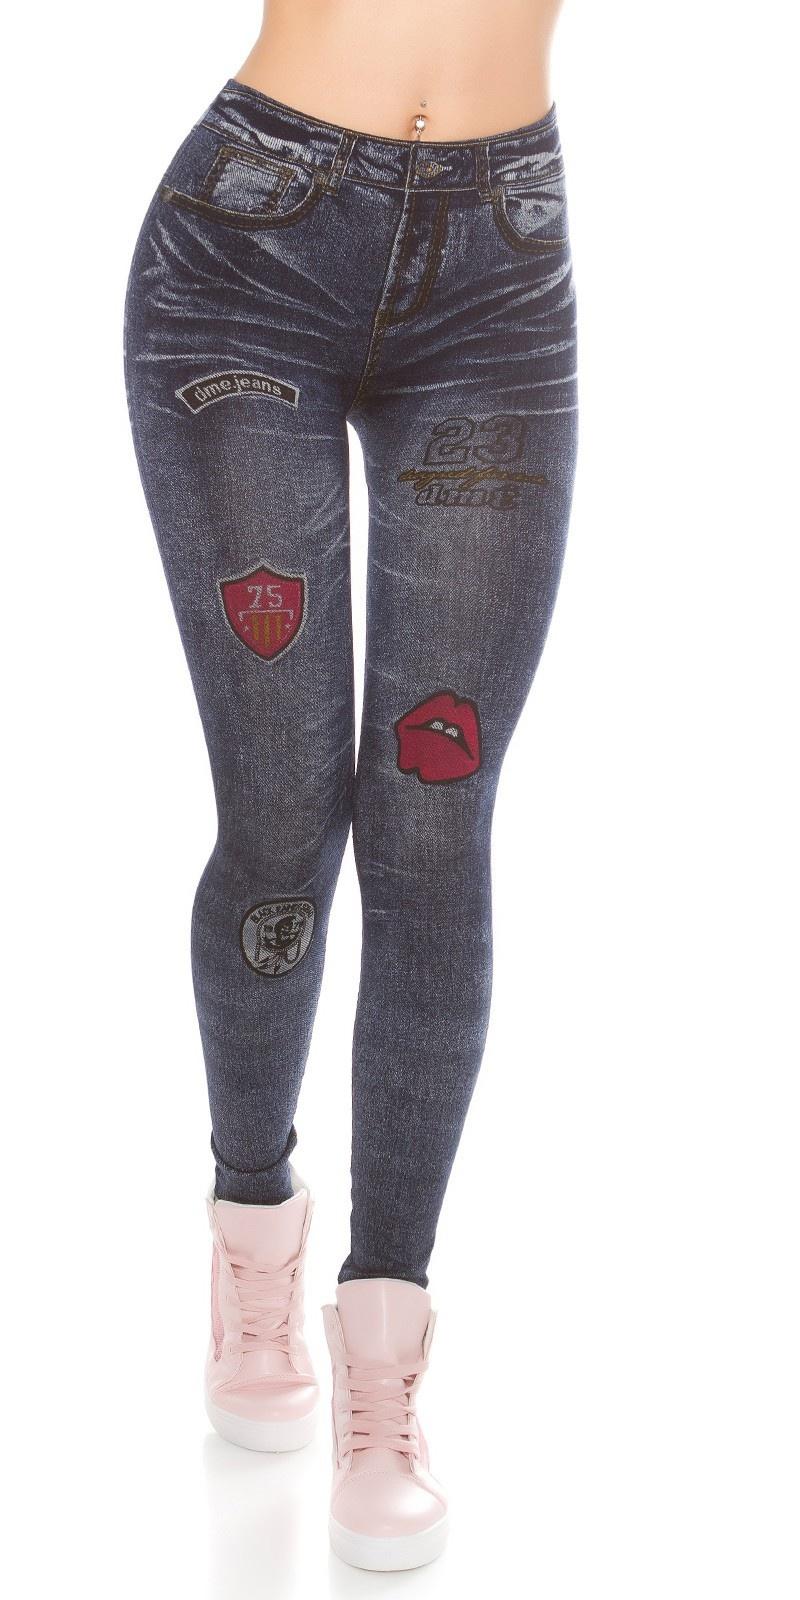 Trendy jeanslook leggins Lightblue